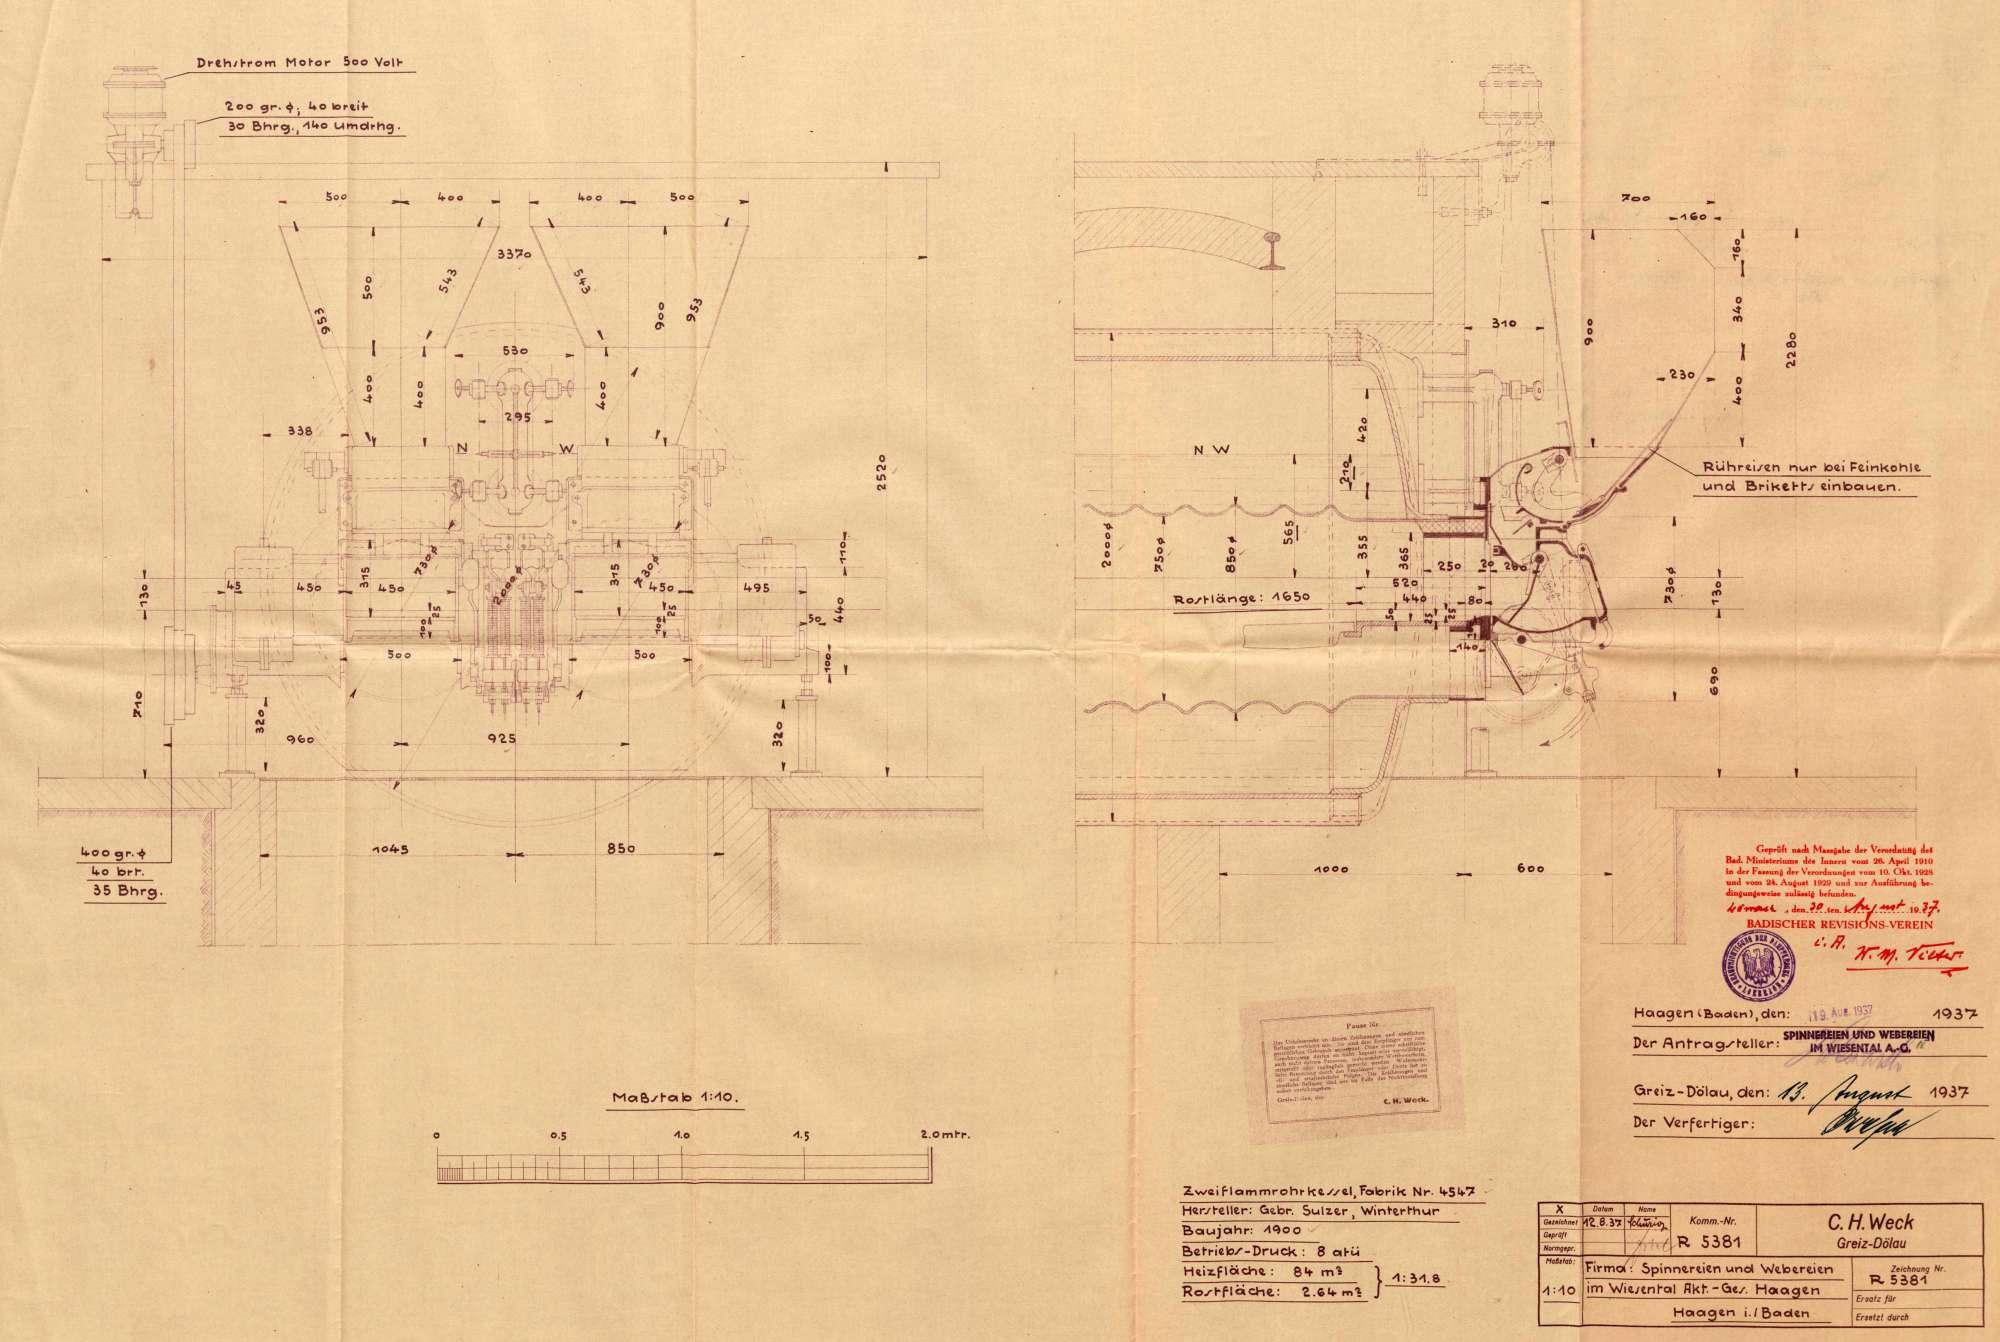 Gesuch der Fa. Spinnereien und Webereien im Wiesental AG um Erlaubnis zum Einbau eines automatischen Rostbeschickungsapparates in einen Dampfkessel, Bild 1